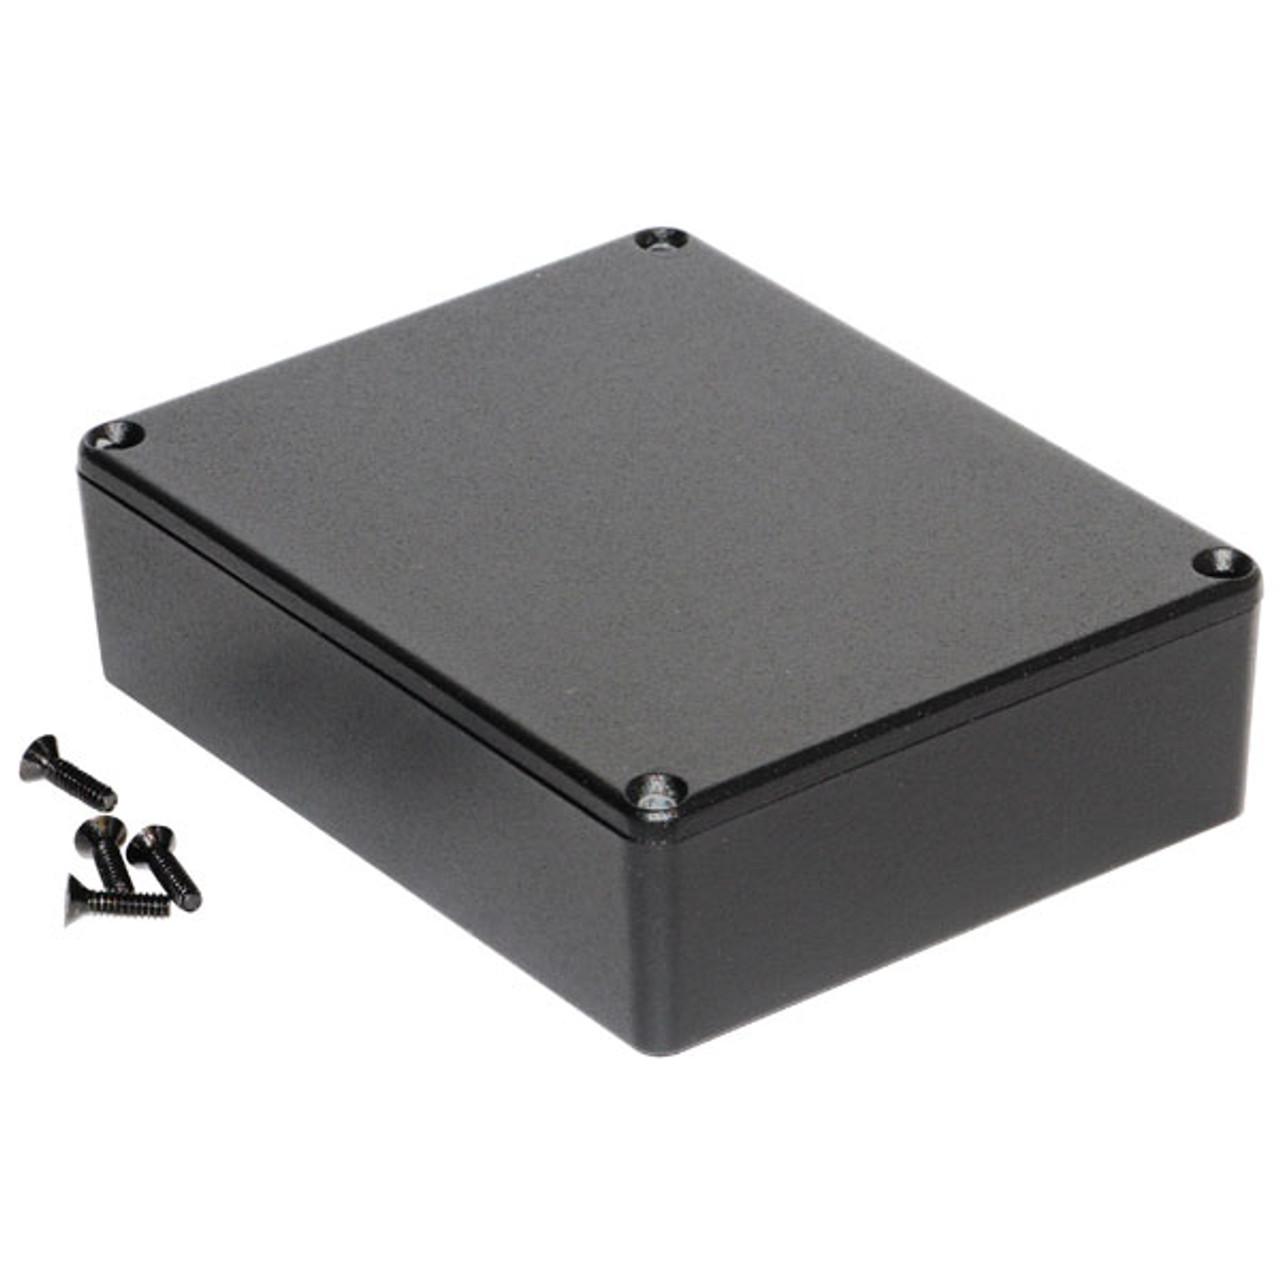 Hammond 1590BBBK - Medium Black Pedal Enclosure